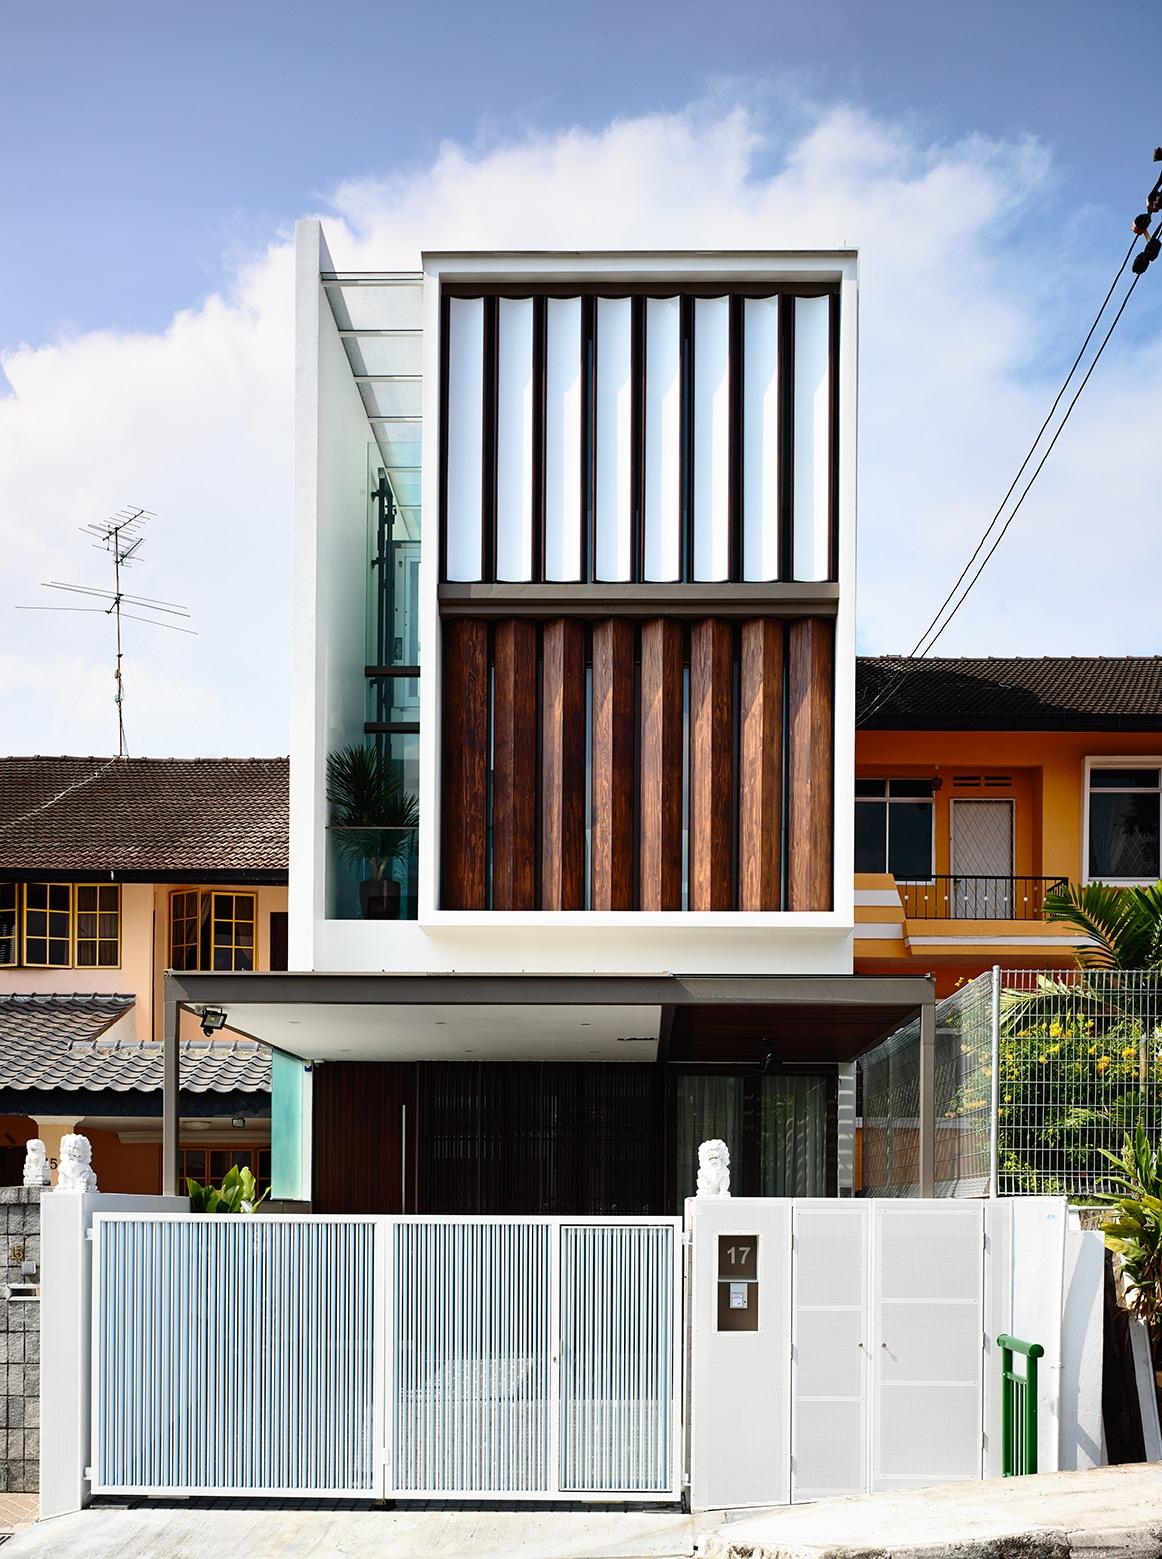 Fachadas modernas de casas de dos pisos construye hogar for Casas modernas planos y fachadas